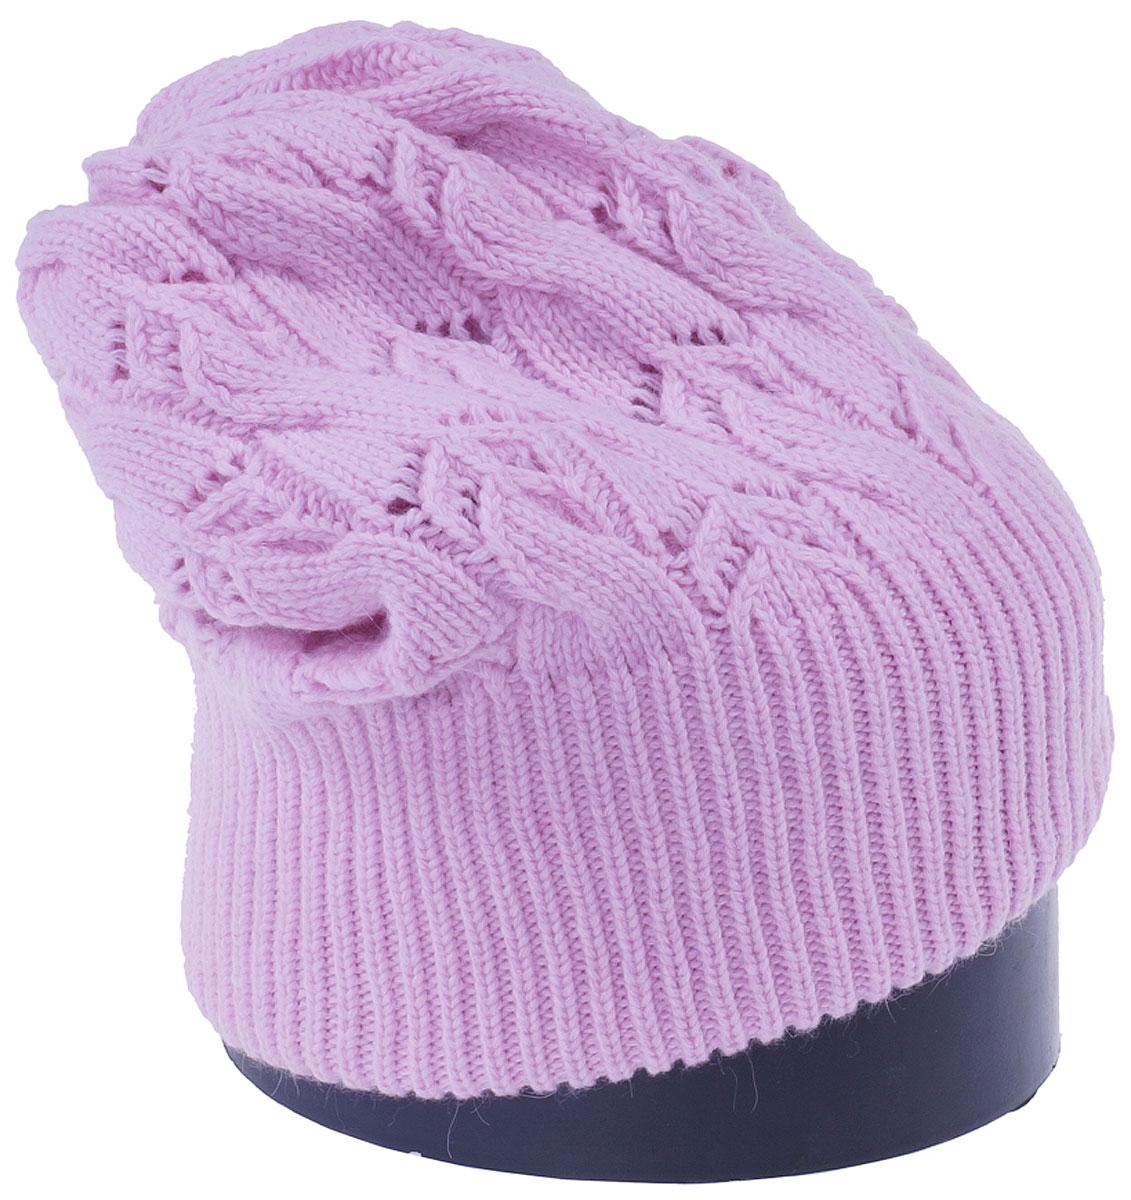 Шапка женская Vittorio Richi, цвет: светло-розовый. Aut261858L-39/17. Размер 56/58Aut261858LСтильная женская шапка Vittorio Richi отлично дополнит ваш образ в холодную погоду. Модель, изготовленная из высококачественных материалов, максимально сохраняет тепло и обеспечивает удобную посадку. Шапка дополнена ажурной вязкой. Привлекательная стильная шапка подчеркнет ваш неповторимый стиль и индивидуальность.